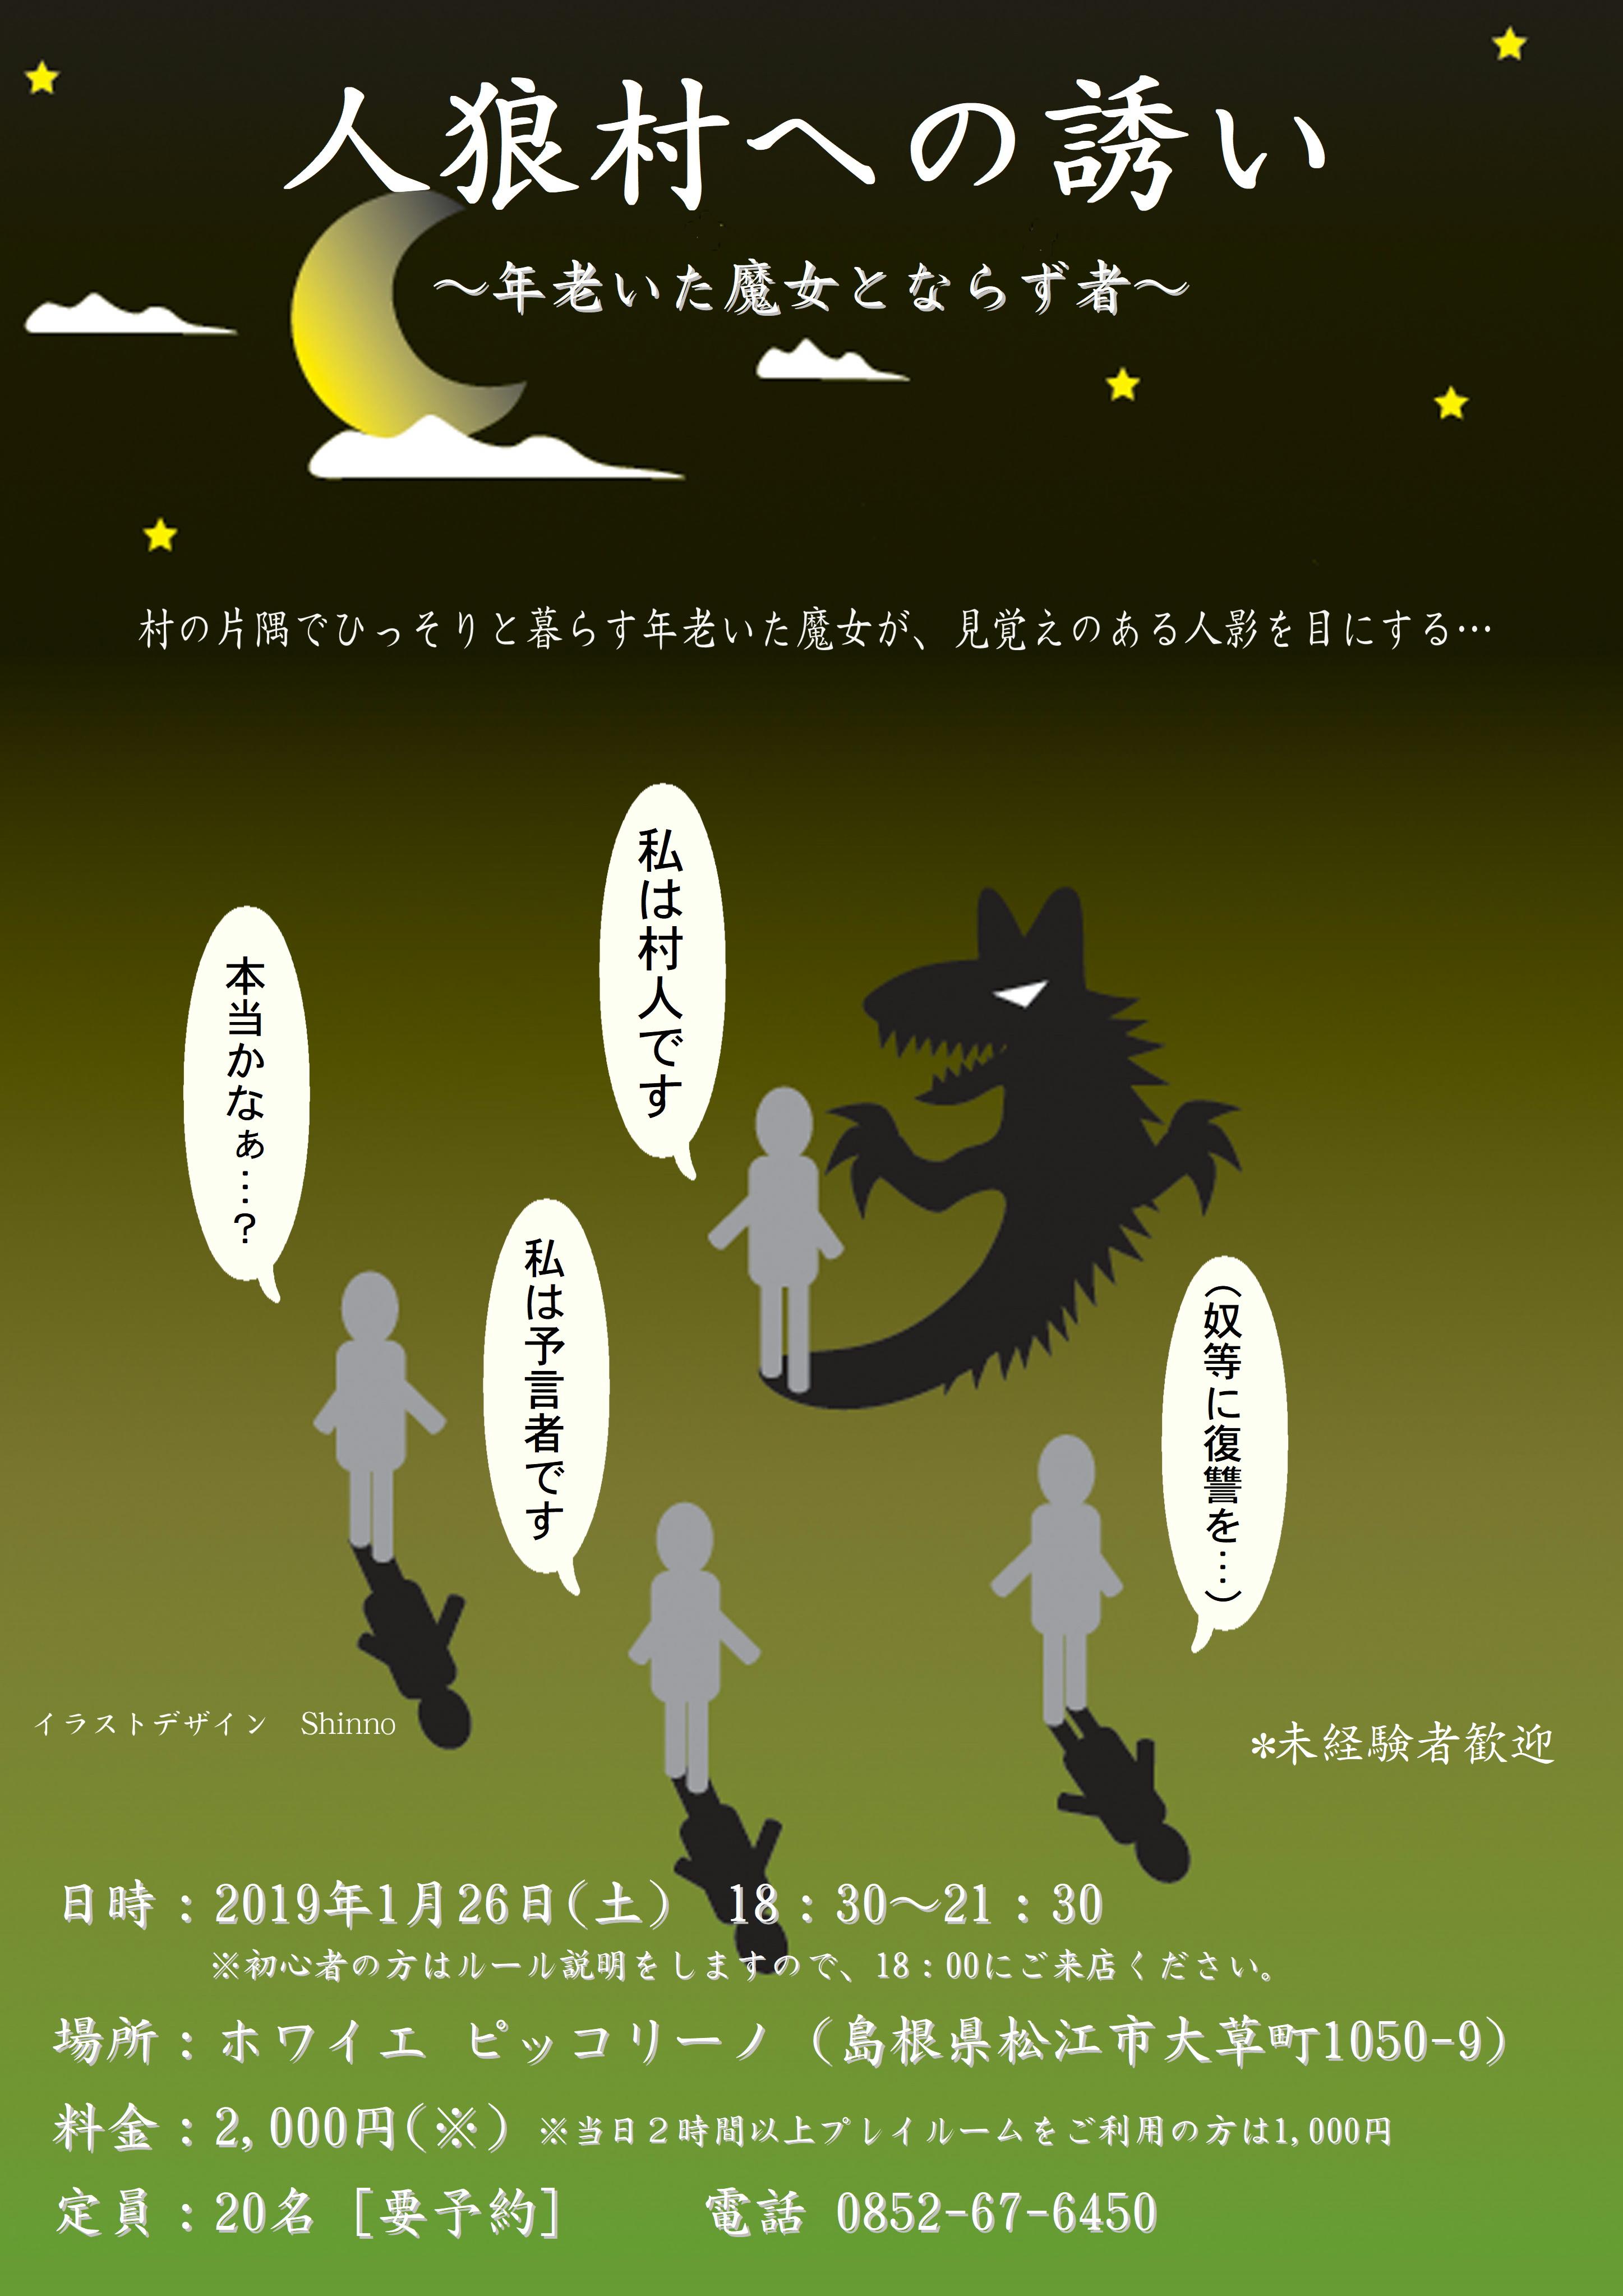 人狼村への誘い